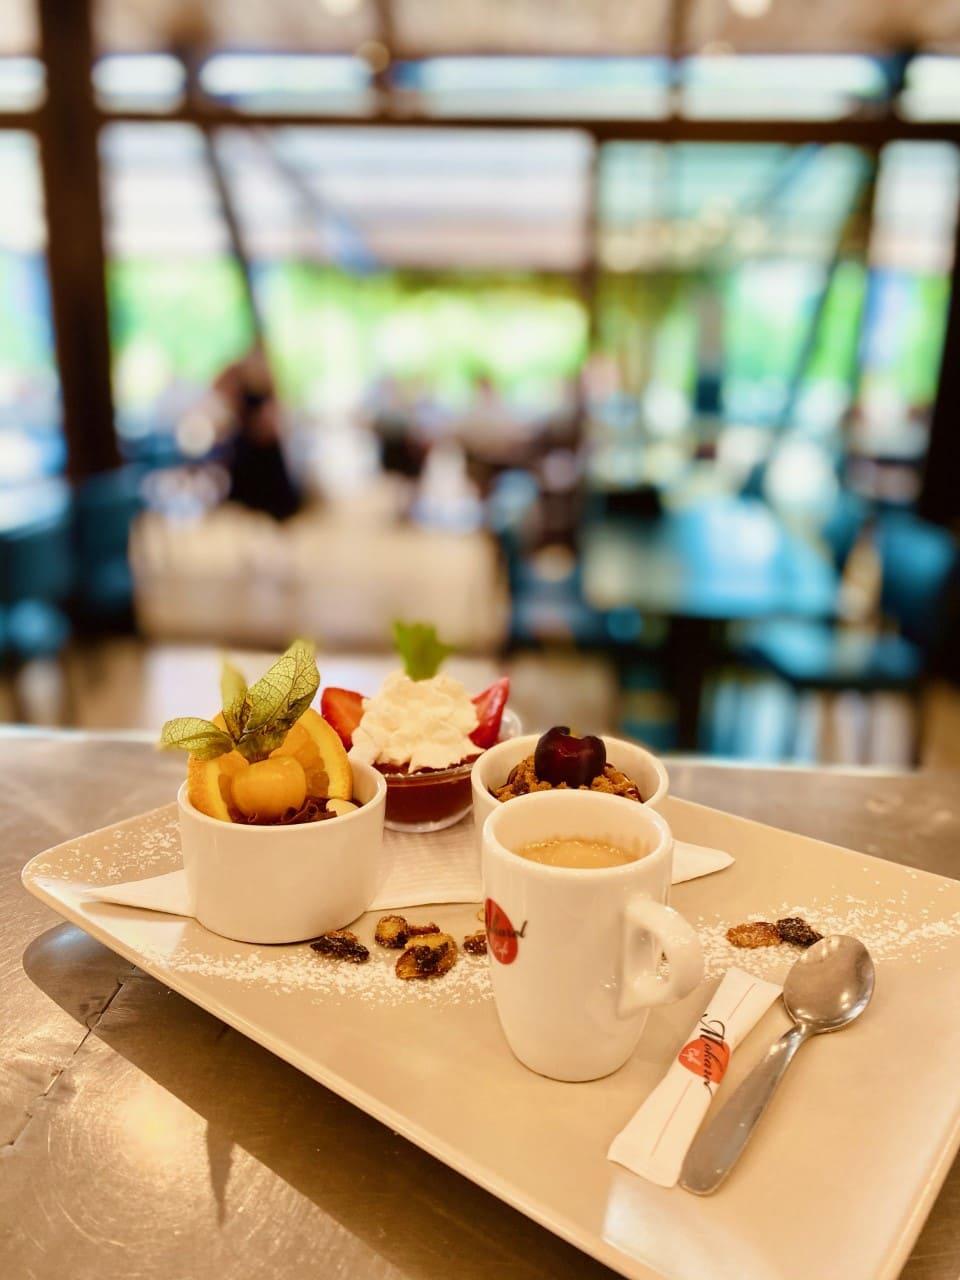 café gourmand 2021 - le chalet des pierres jaumâtres - brasserie Creuse crepe glace boisson